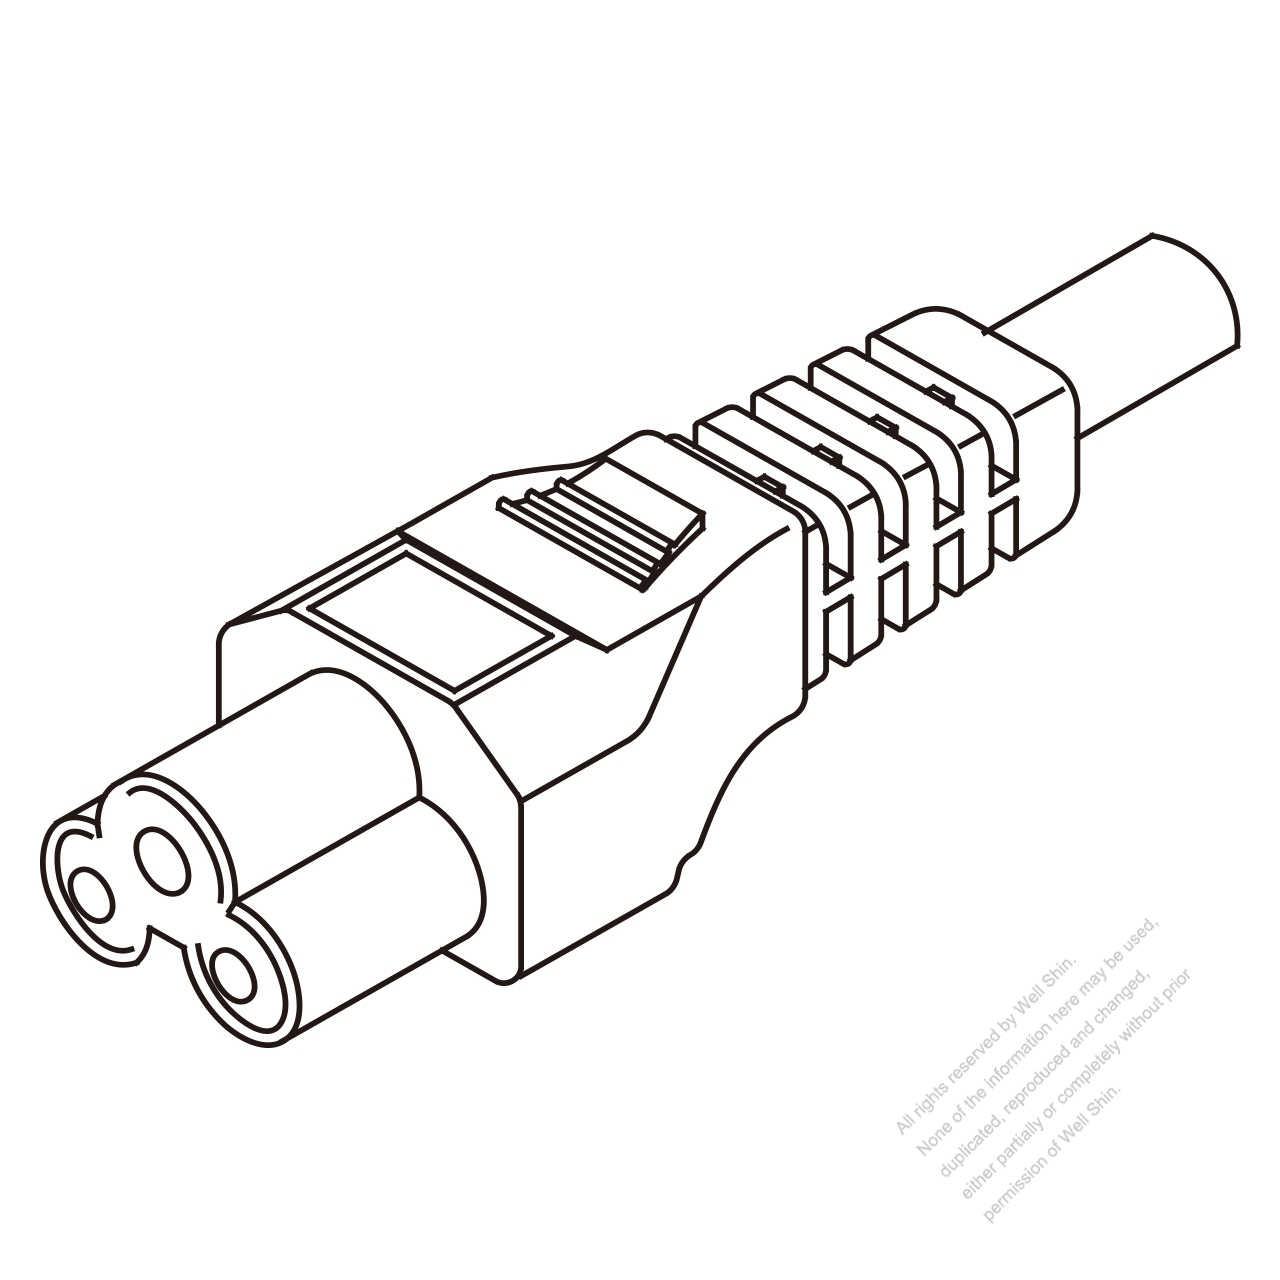 iec 320 c5 connectors 3-pin straight 2 5a   3-7a   10a 125v  2 5a   7a  10a 250v